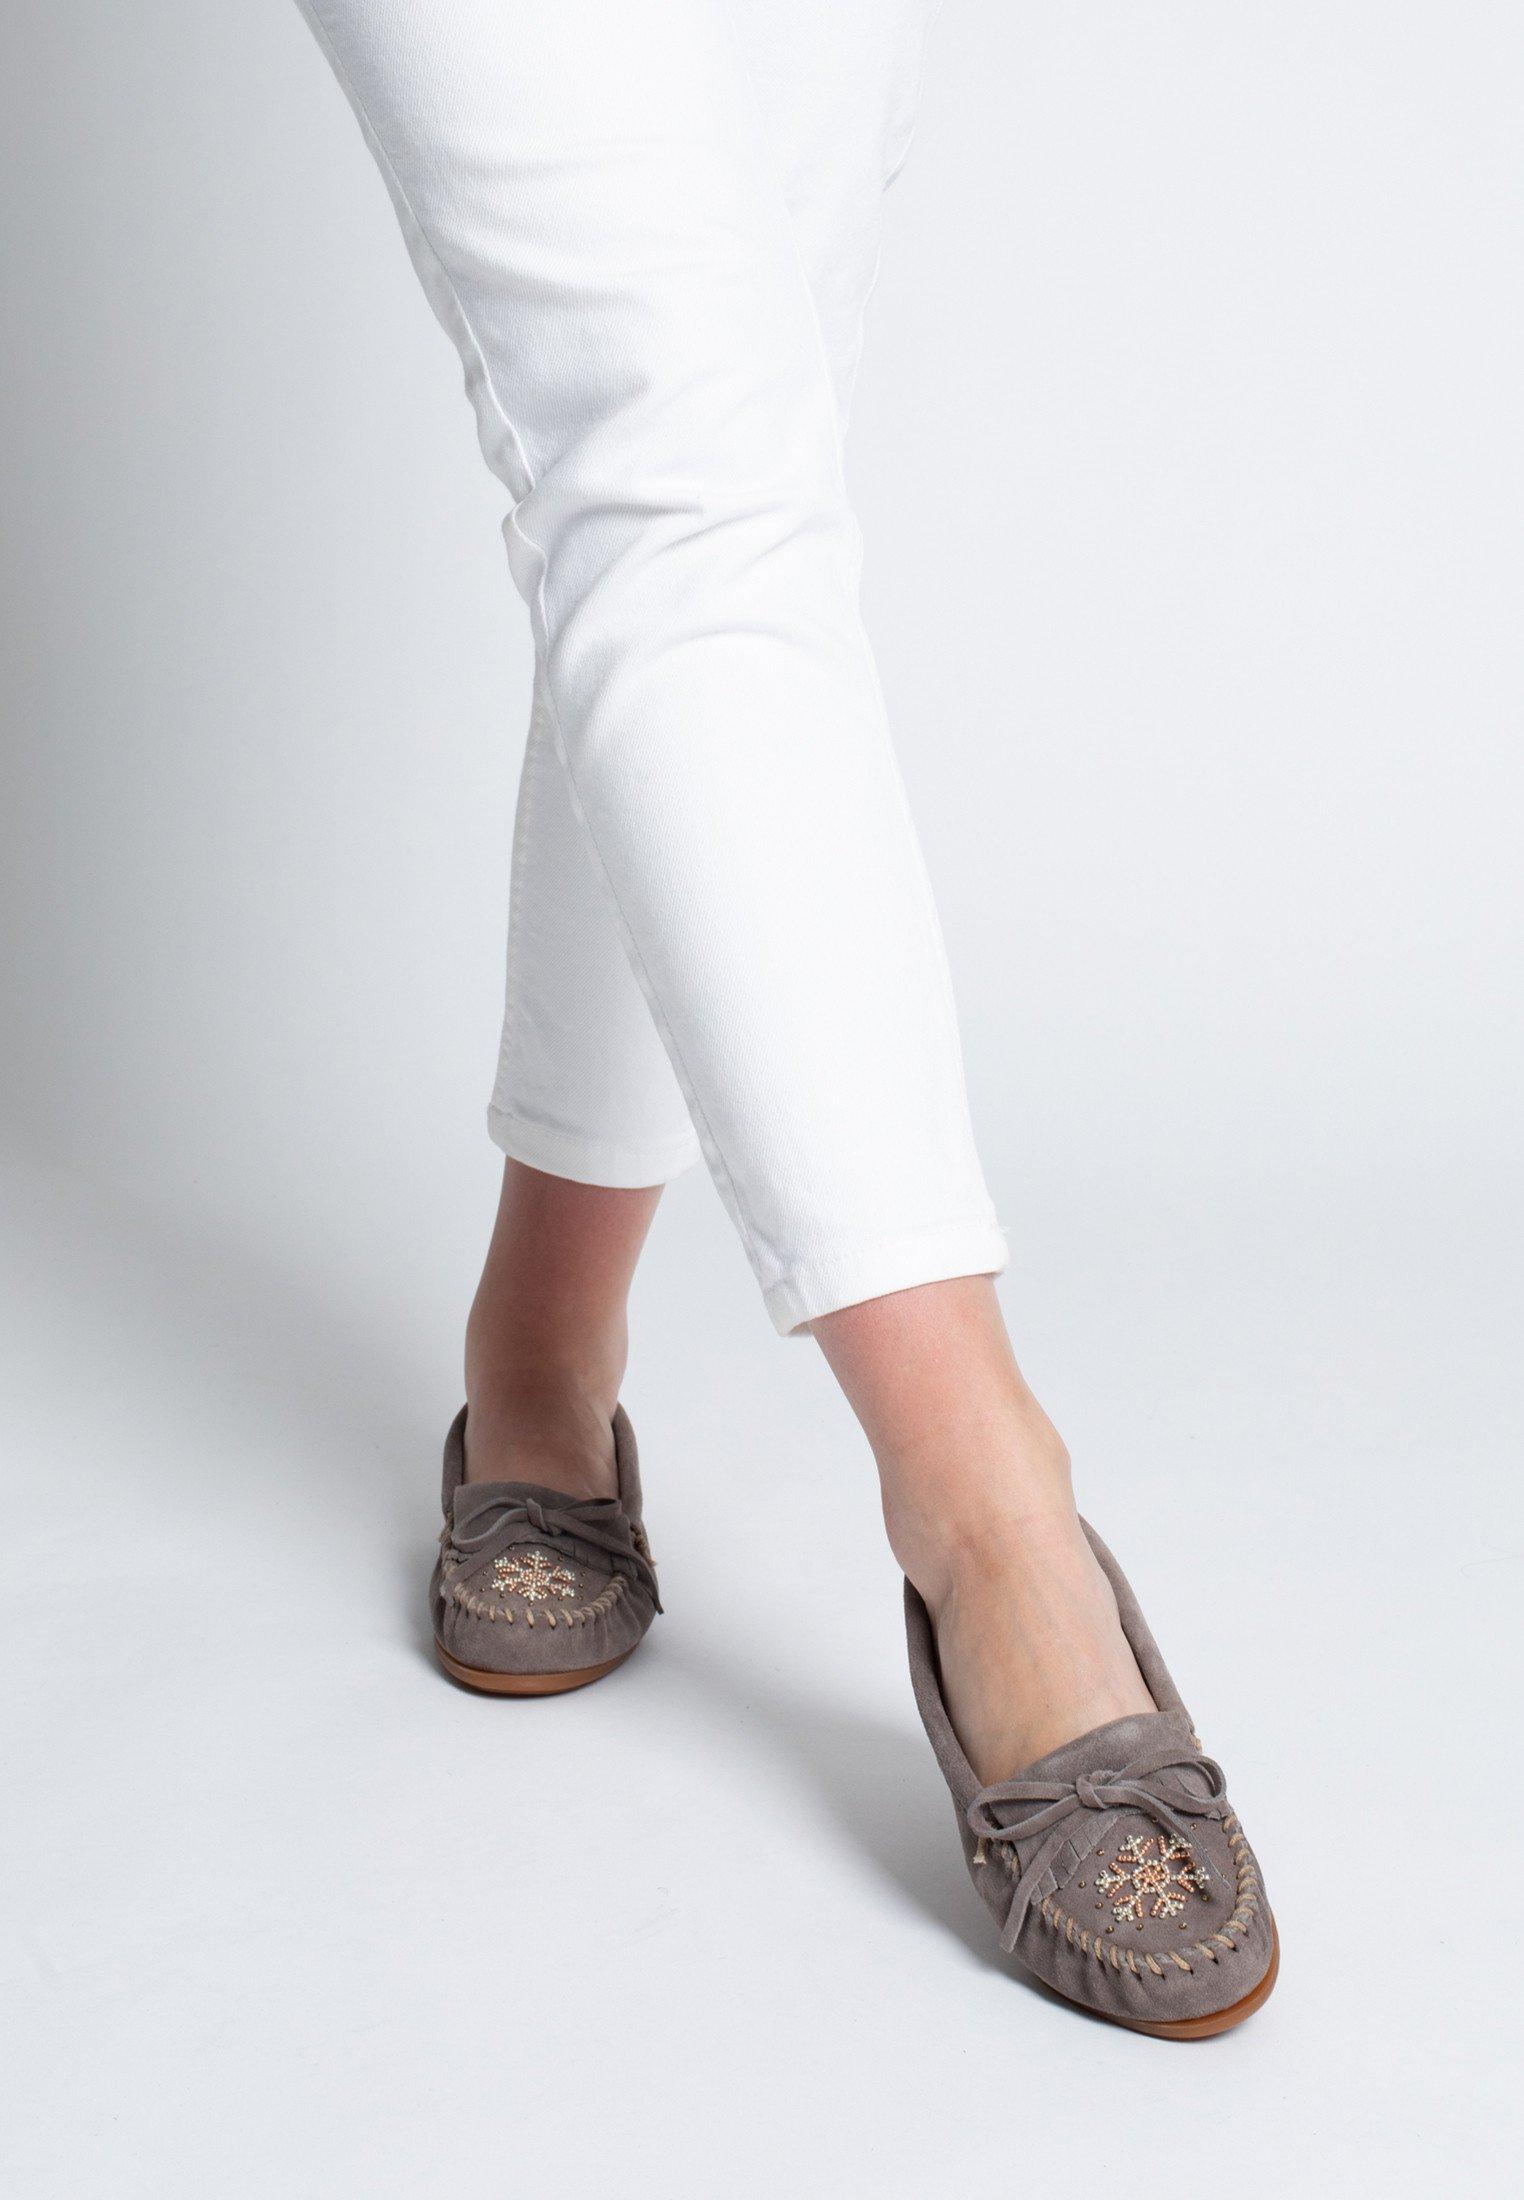 Minnetonka Chaussures bateau - gris - Mocassins & Chaussures bateau femme À bas prix